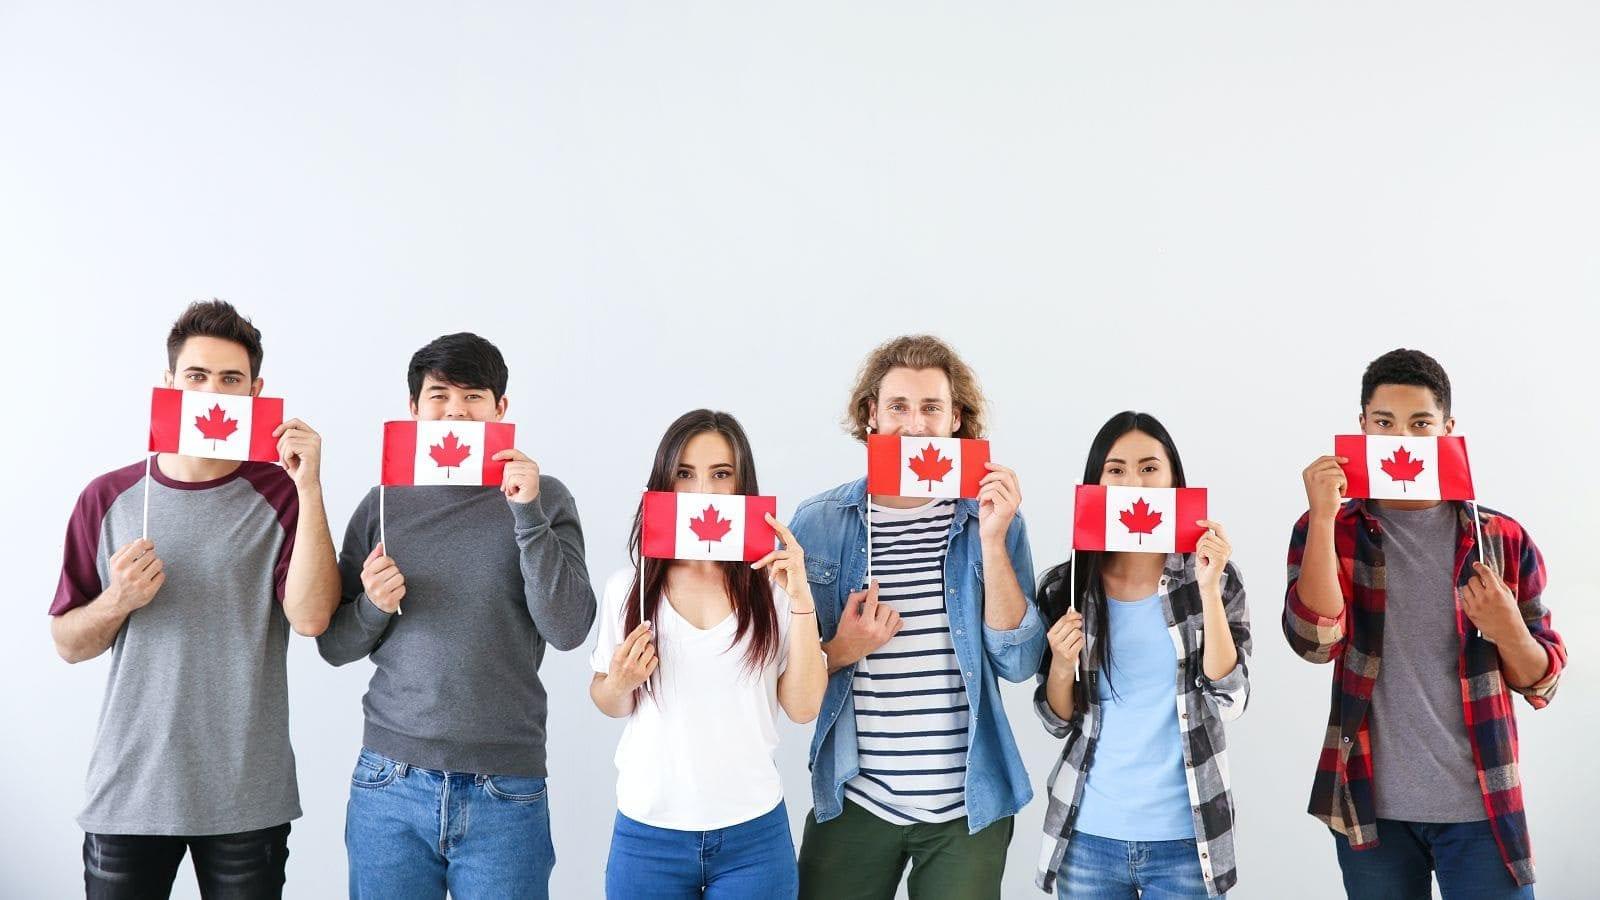 cuộc sống canada, cuộc sống ở canada, cuộc sống tại canada, cuộc sống bên canada, review cuộc sống ở canada, cuộc sống của canada, cuộc sống người nhập cư canada, cuộc sống định cư ở canada, cuộc sống của người dân canada, cuộc sống người dân canada, so sánh cuộc sống mỹ và canada